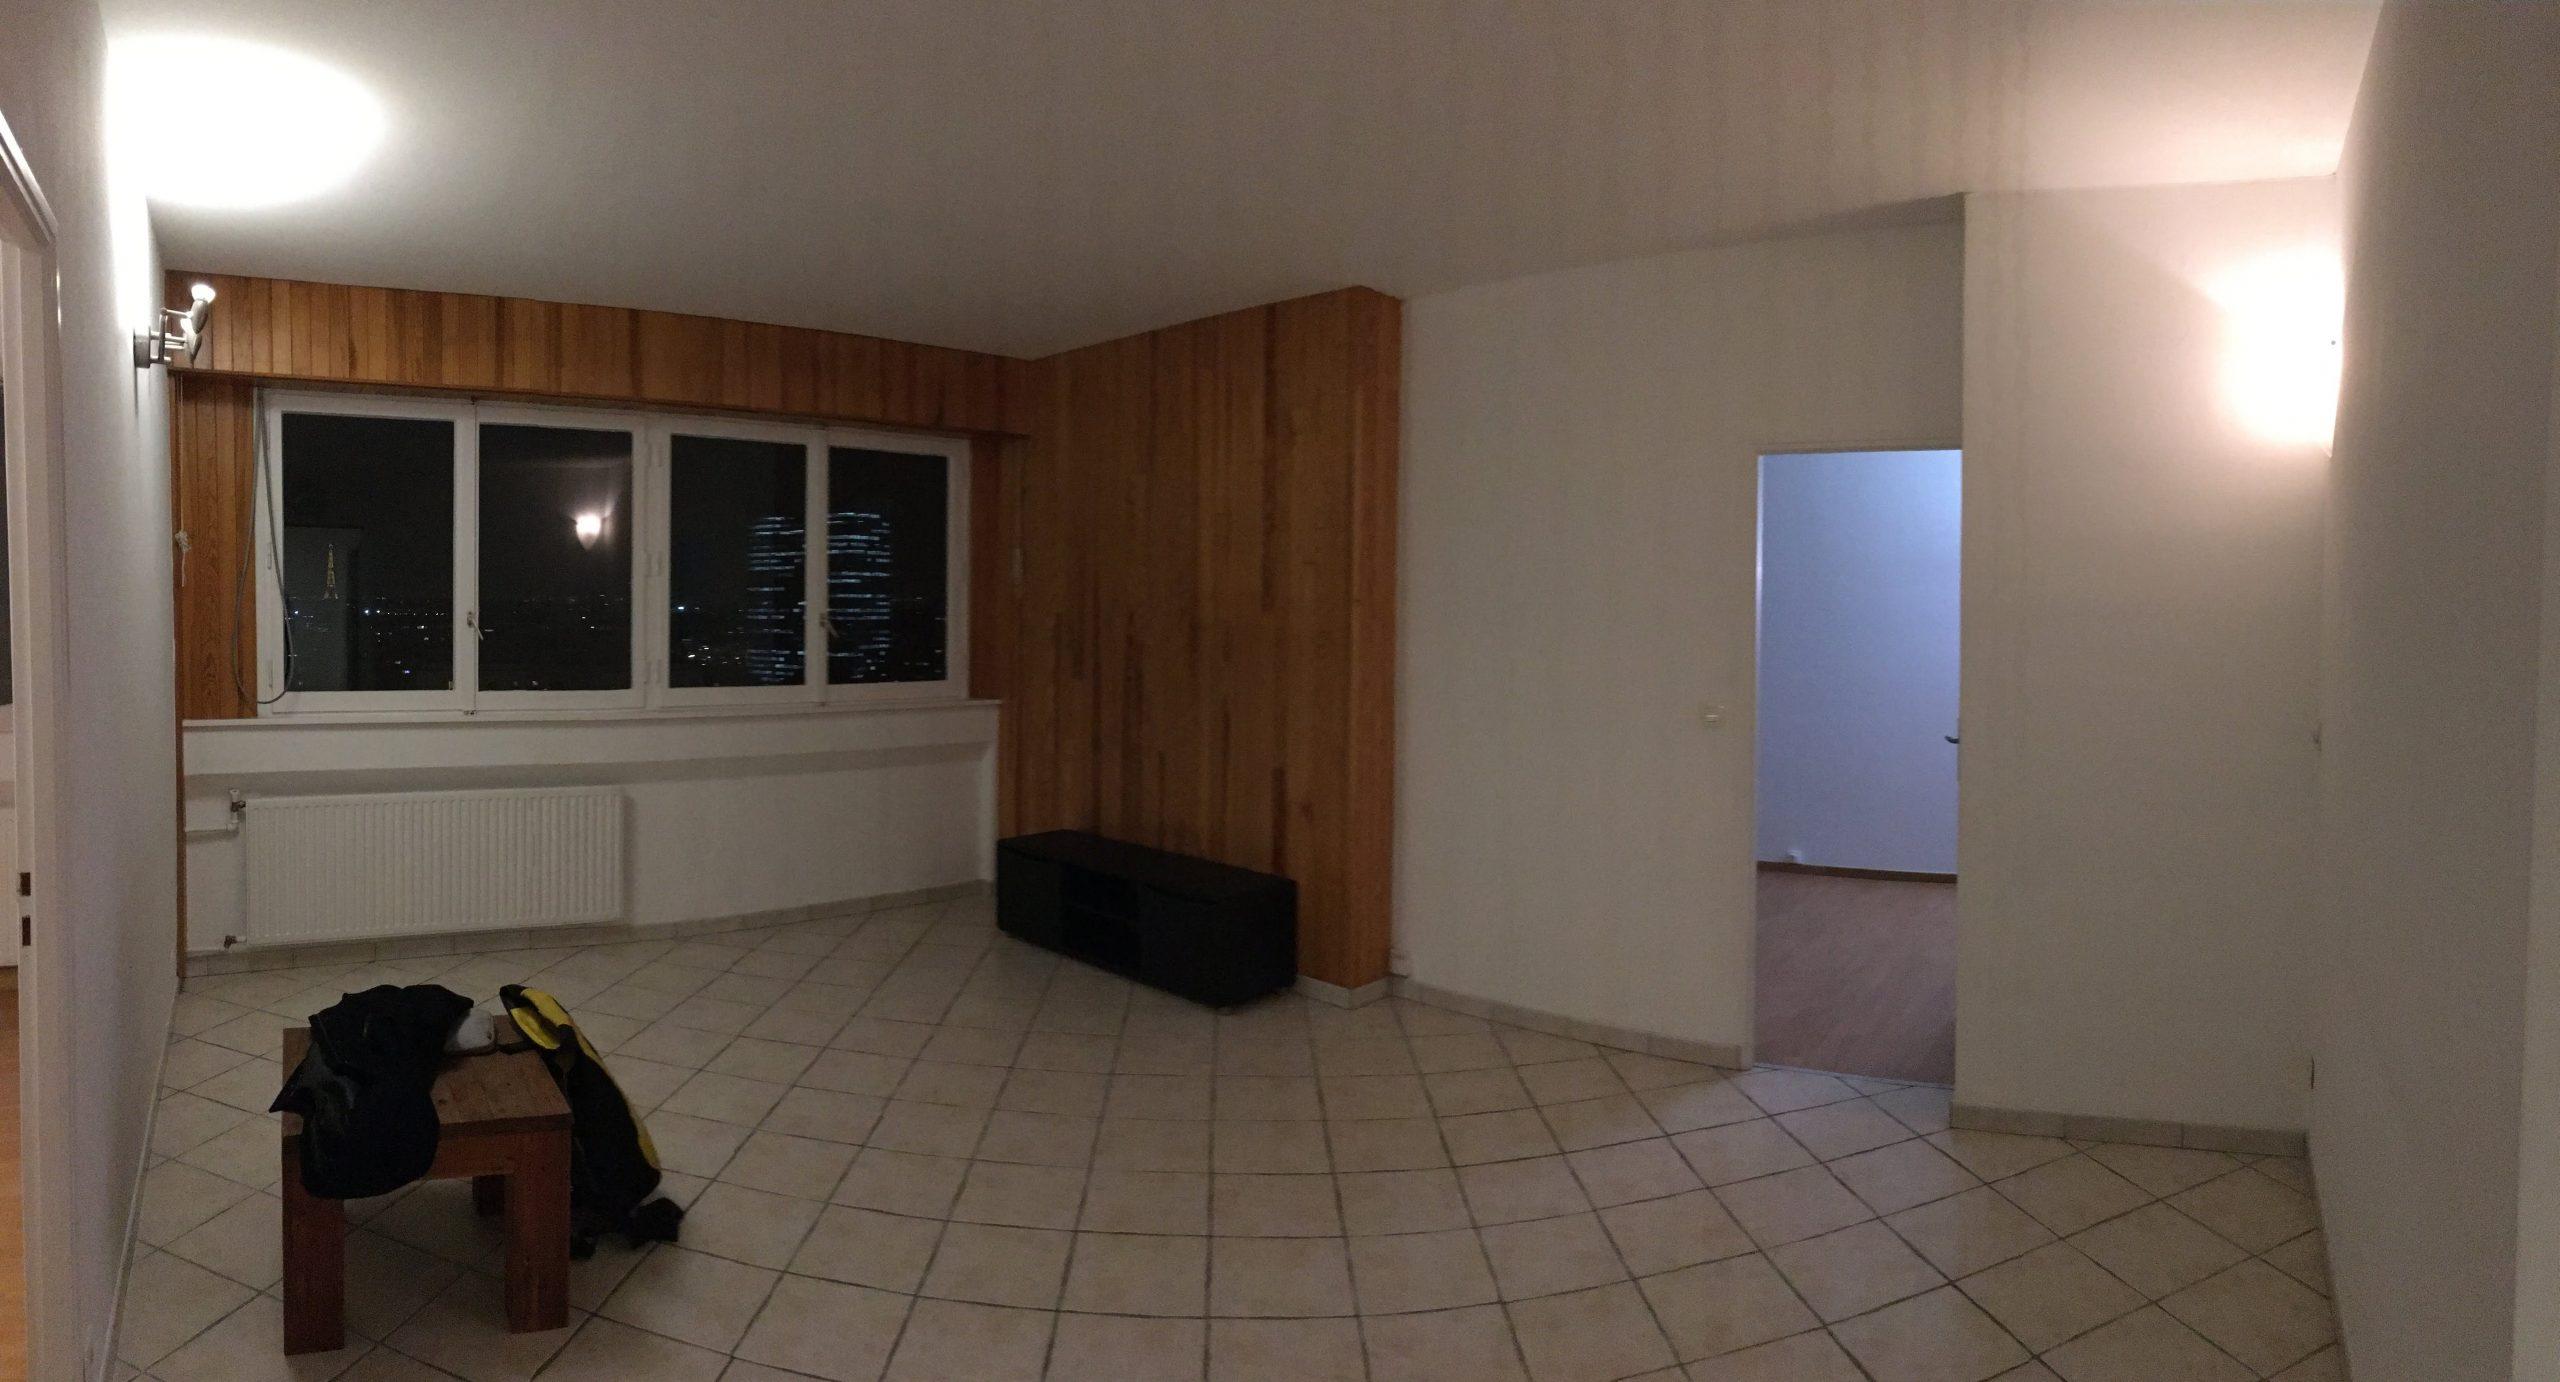 Photo avant travaux pièce à vivre de l'appartement - Archibien